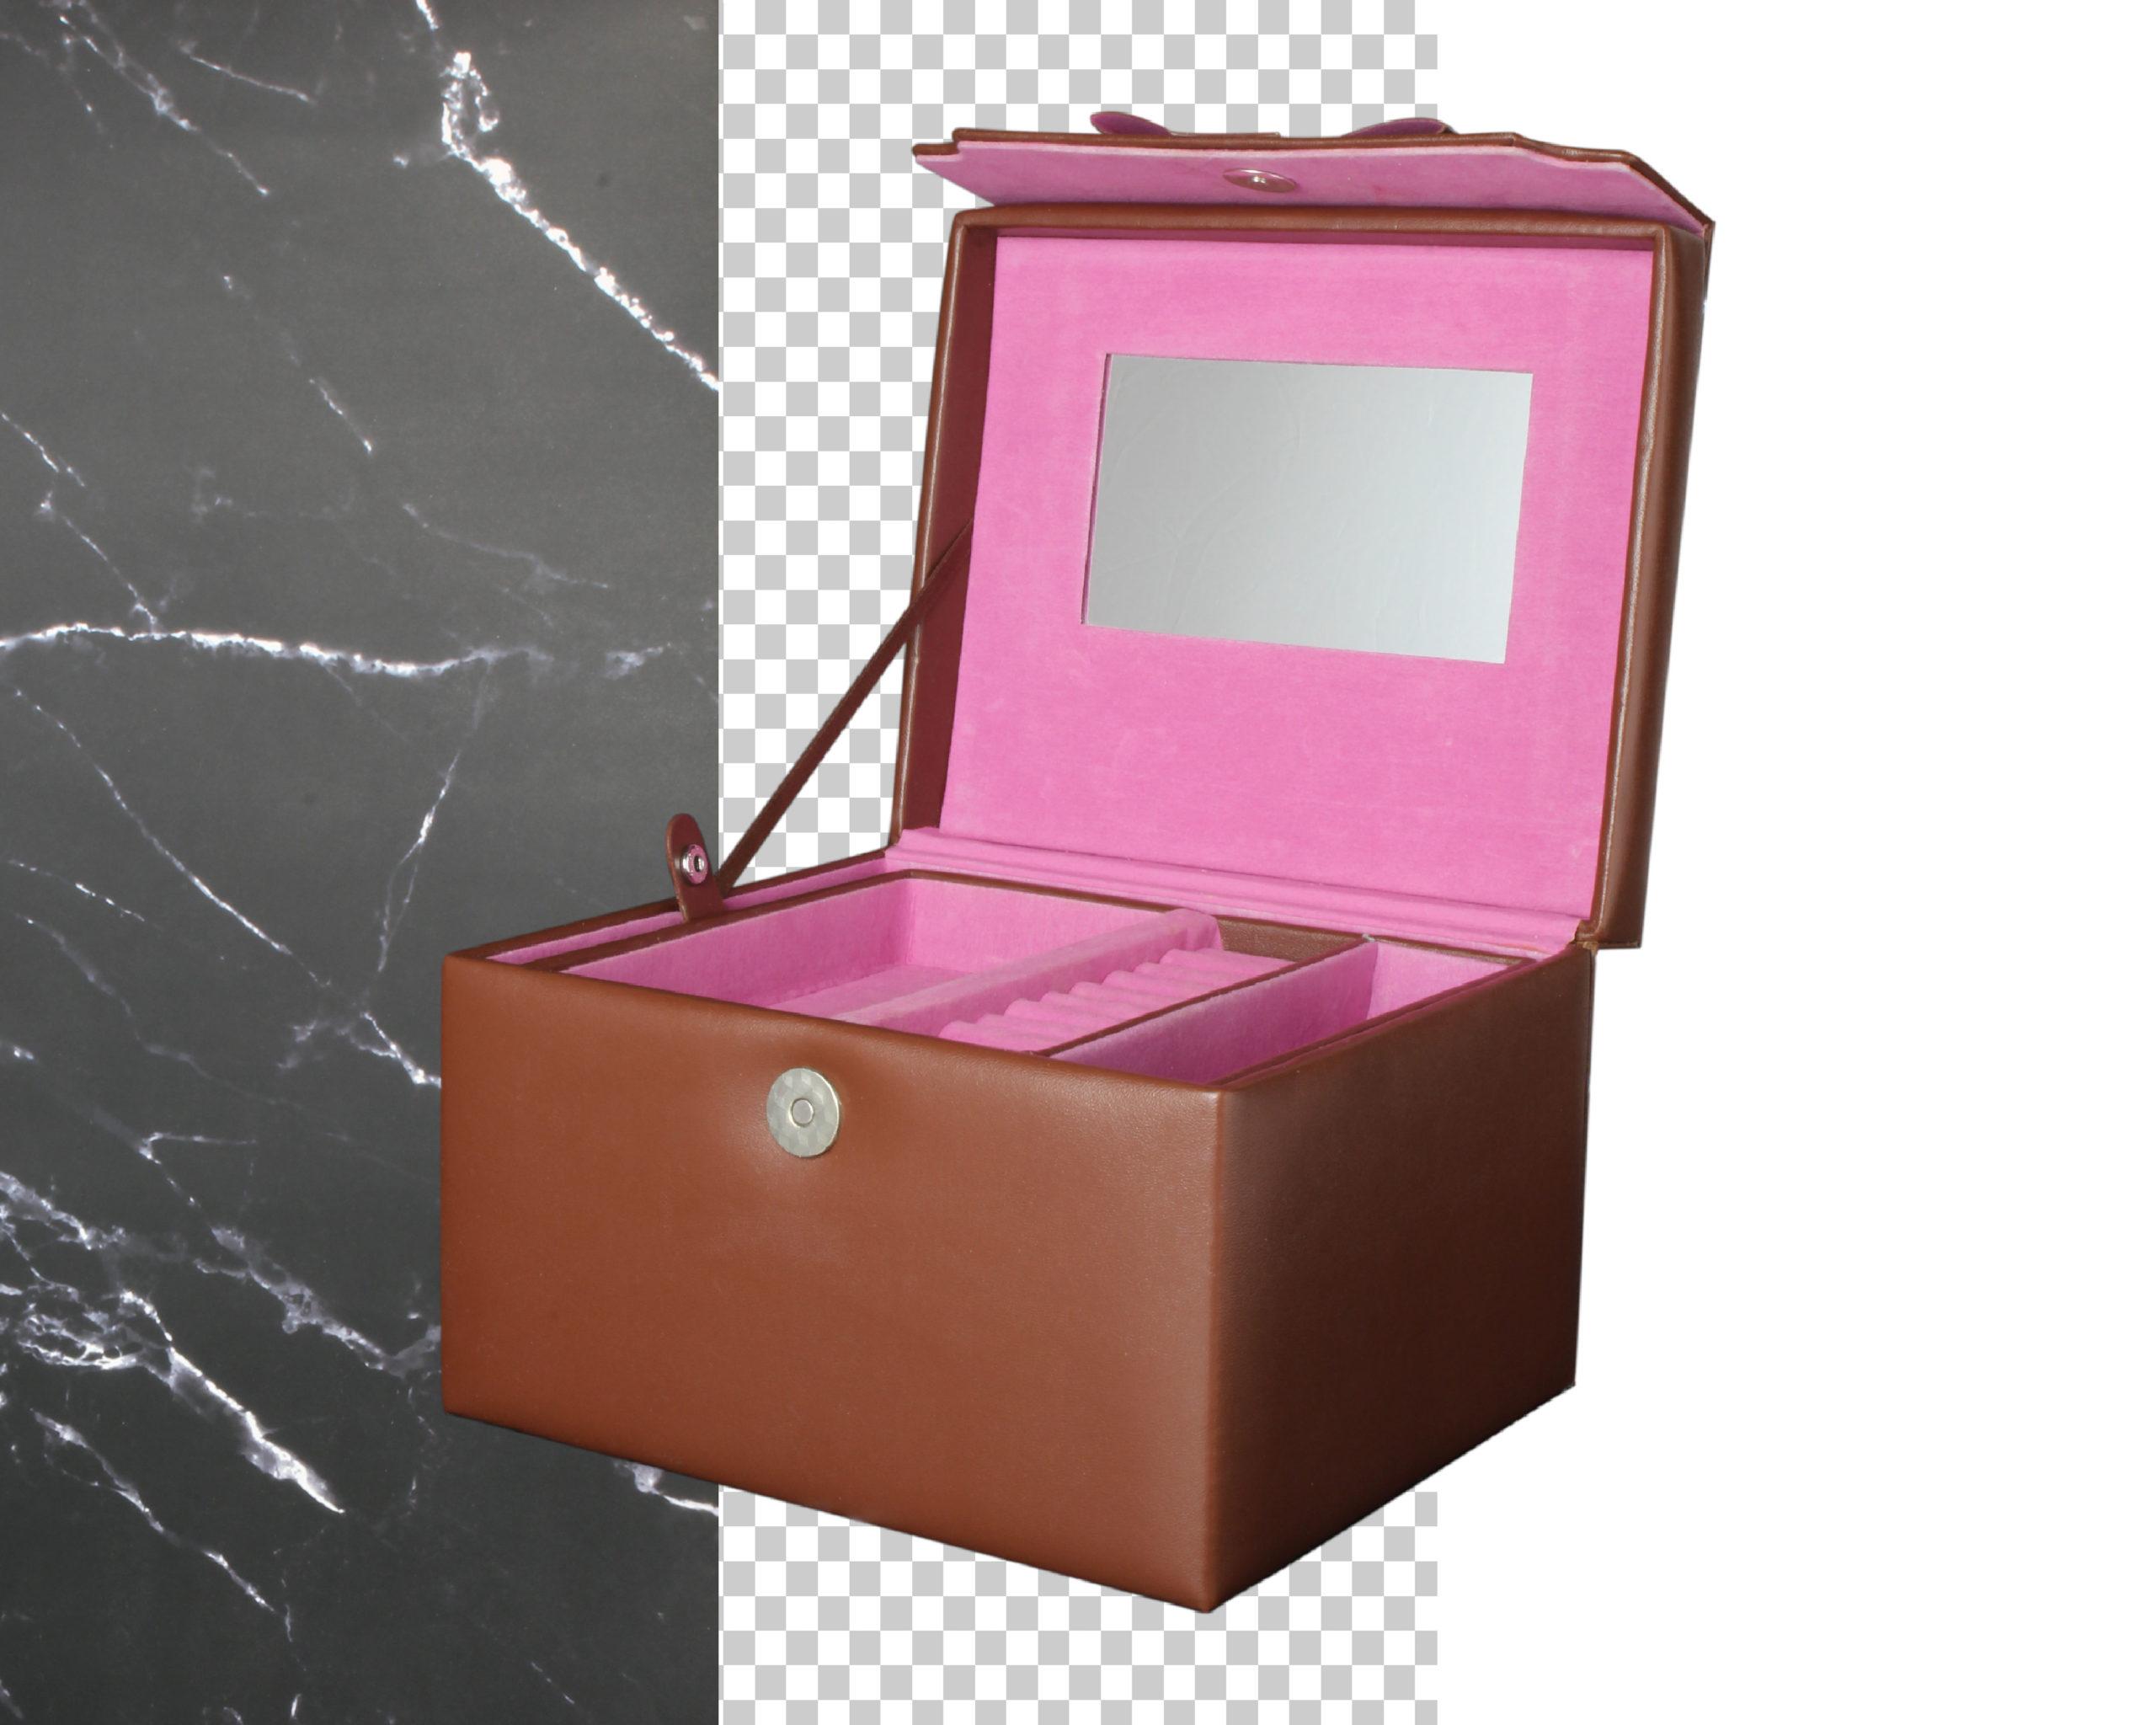 Packshot- szkatułka na biżuterię tło czysto białe, czarny marmurek, przezroczyste